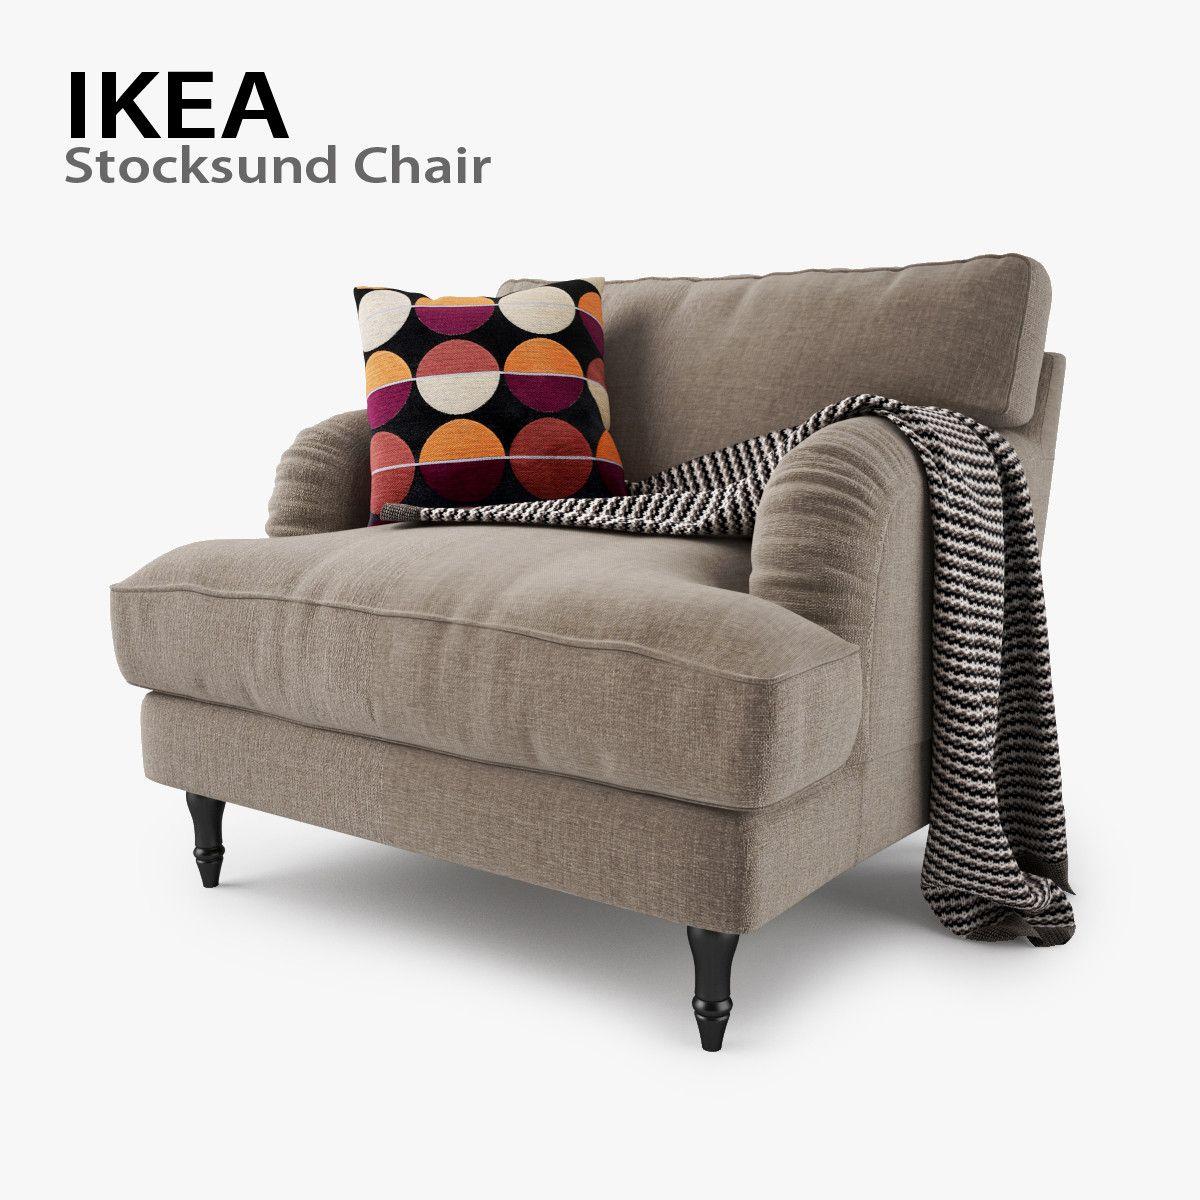 Ikea Stocksund Chair Seat 3d Max